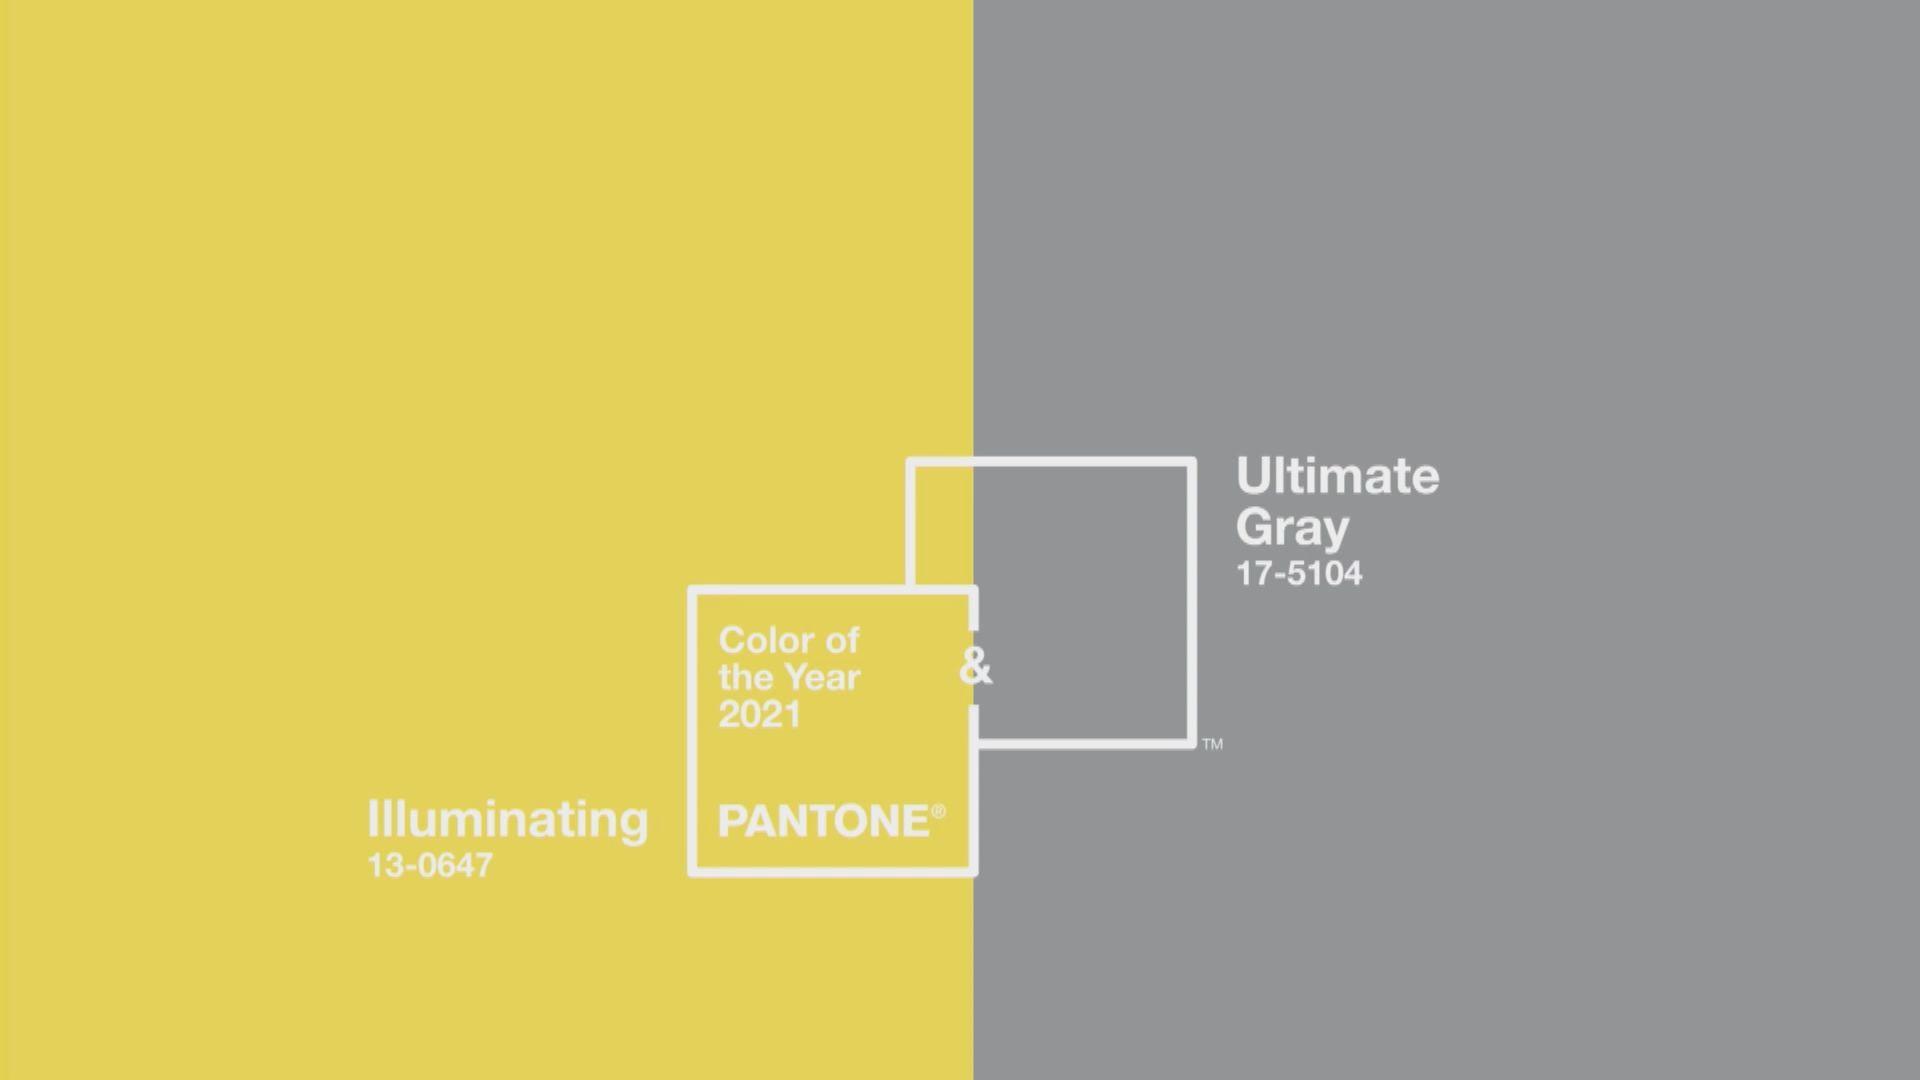 亮麗黃和極致灰獲選PANTONE年度顏色